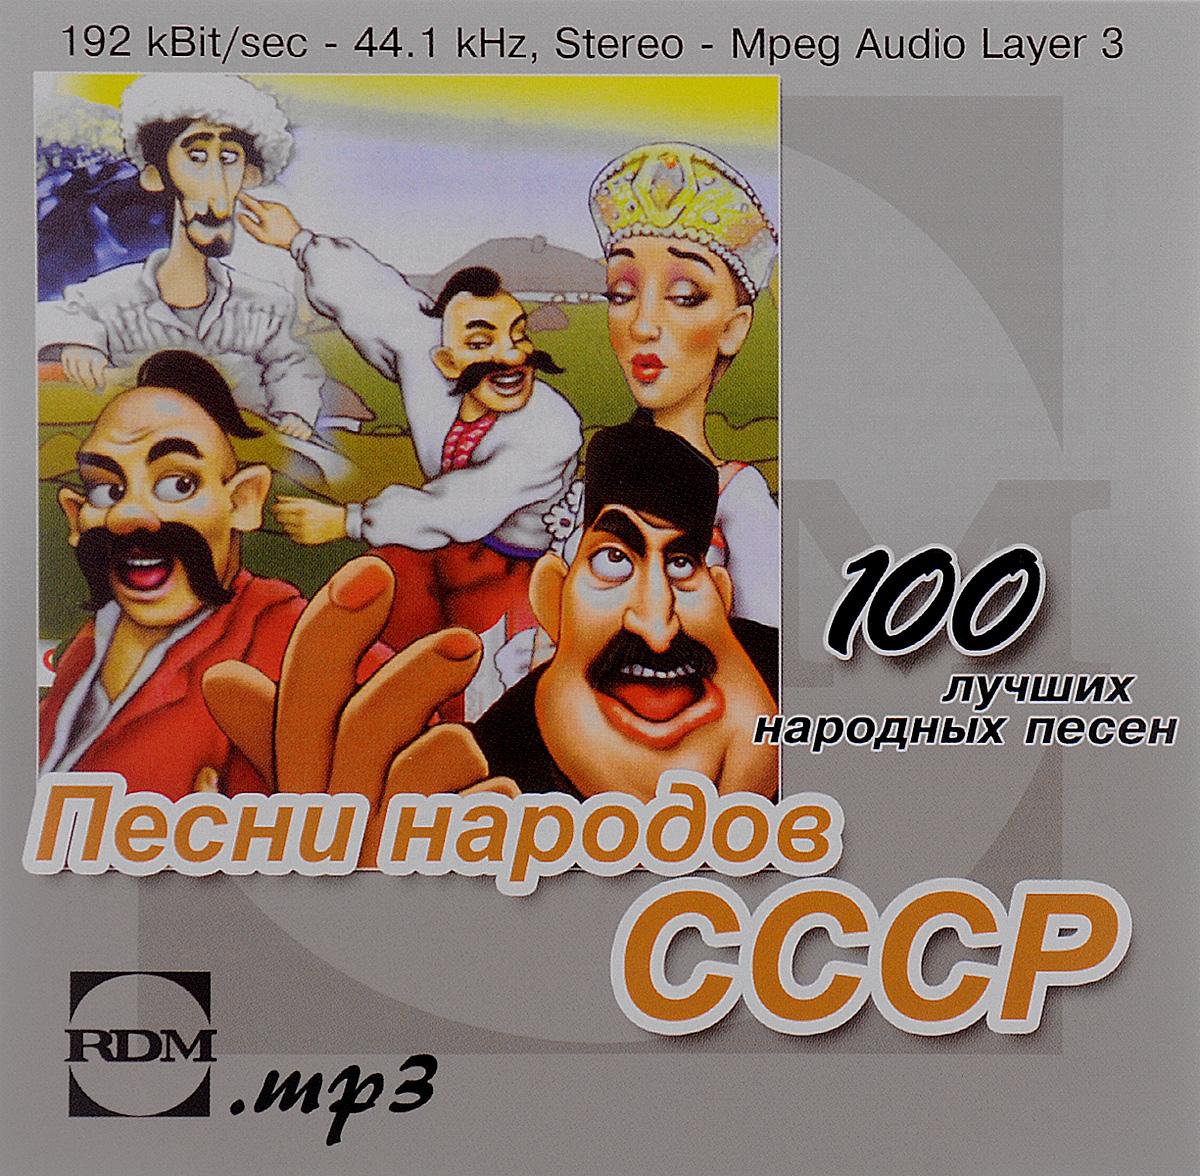 К изданию прилагается 4-страничный вкладыш со списком песен.